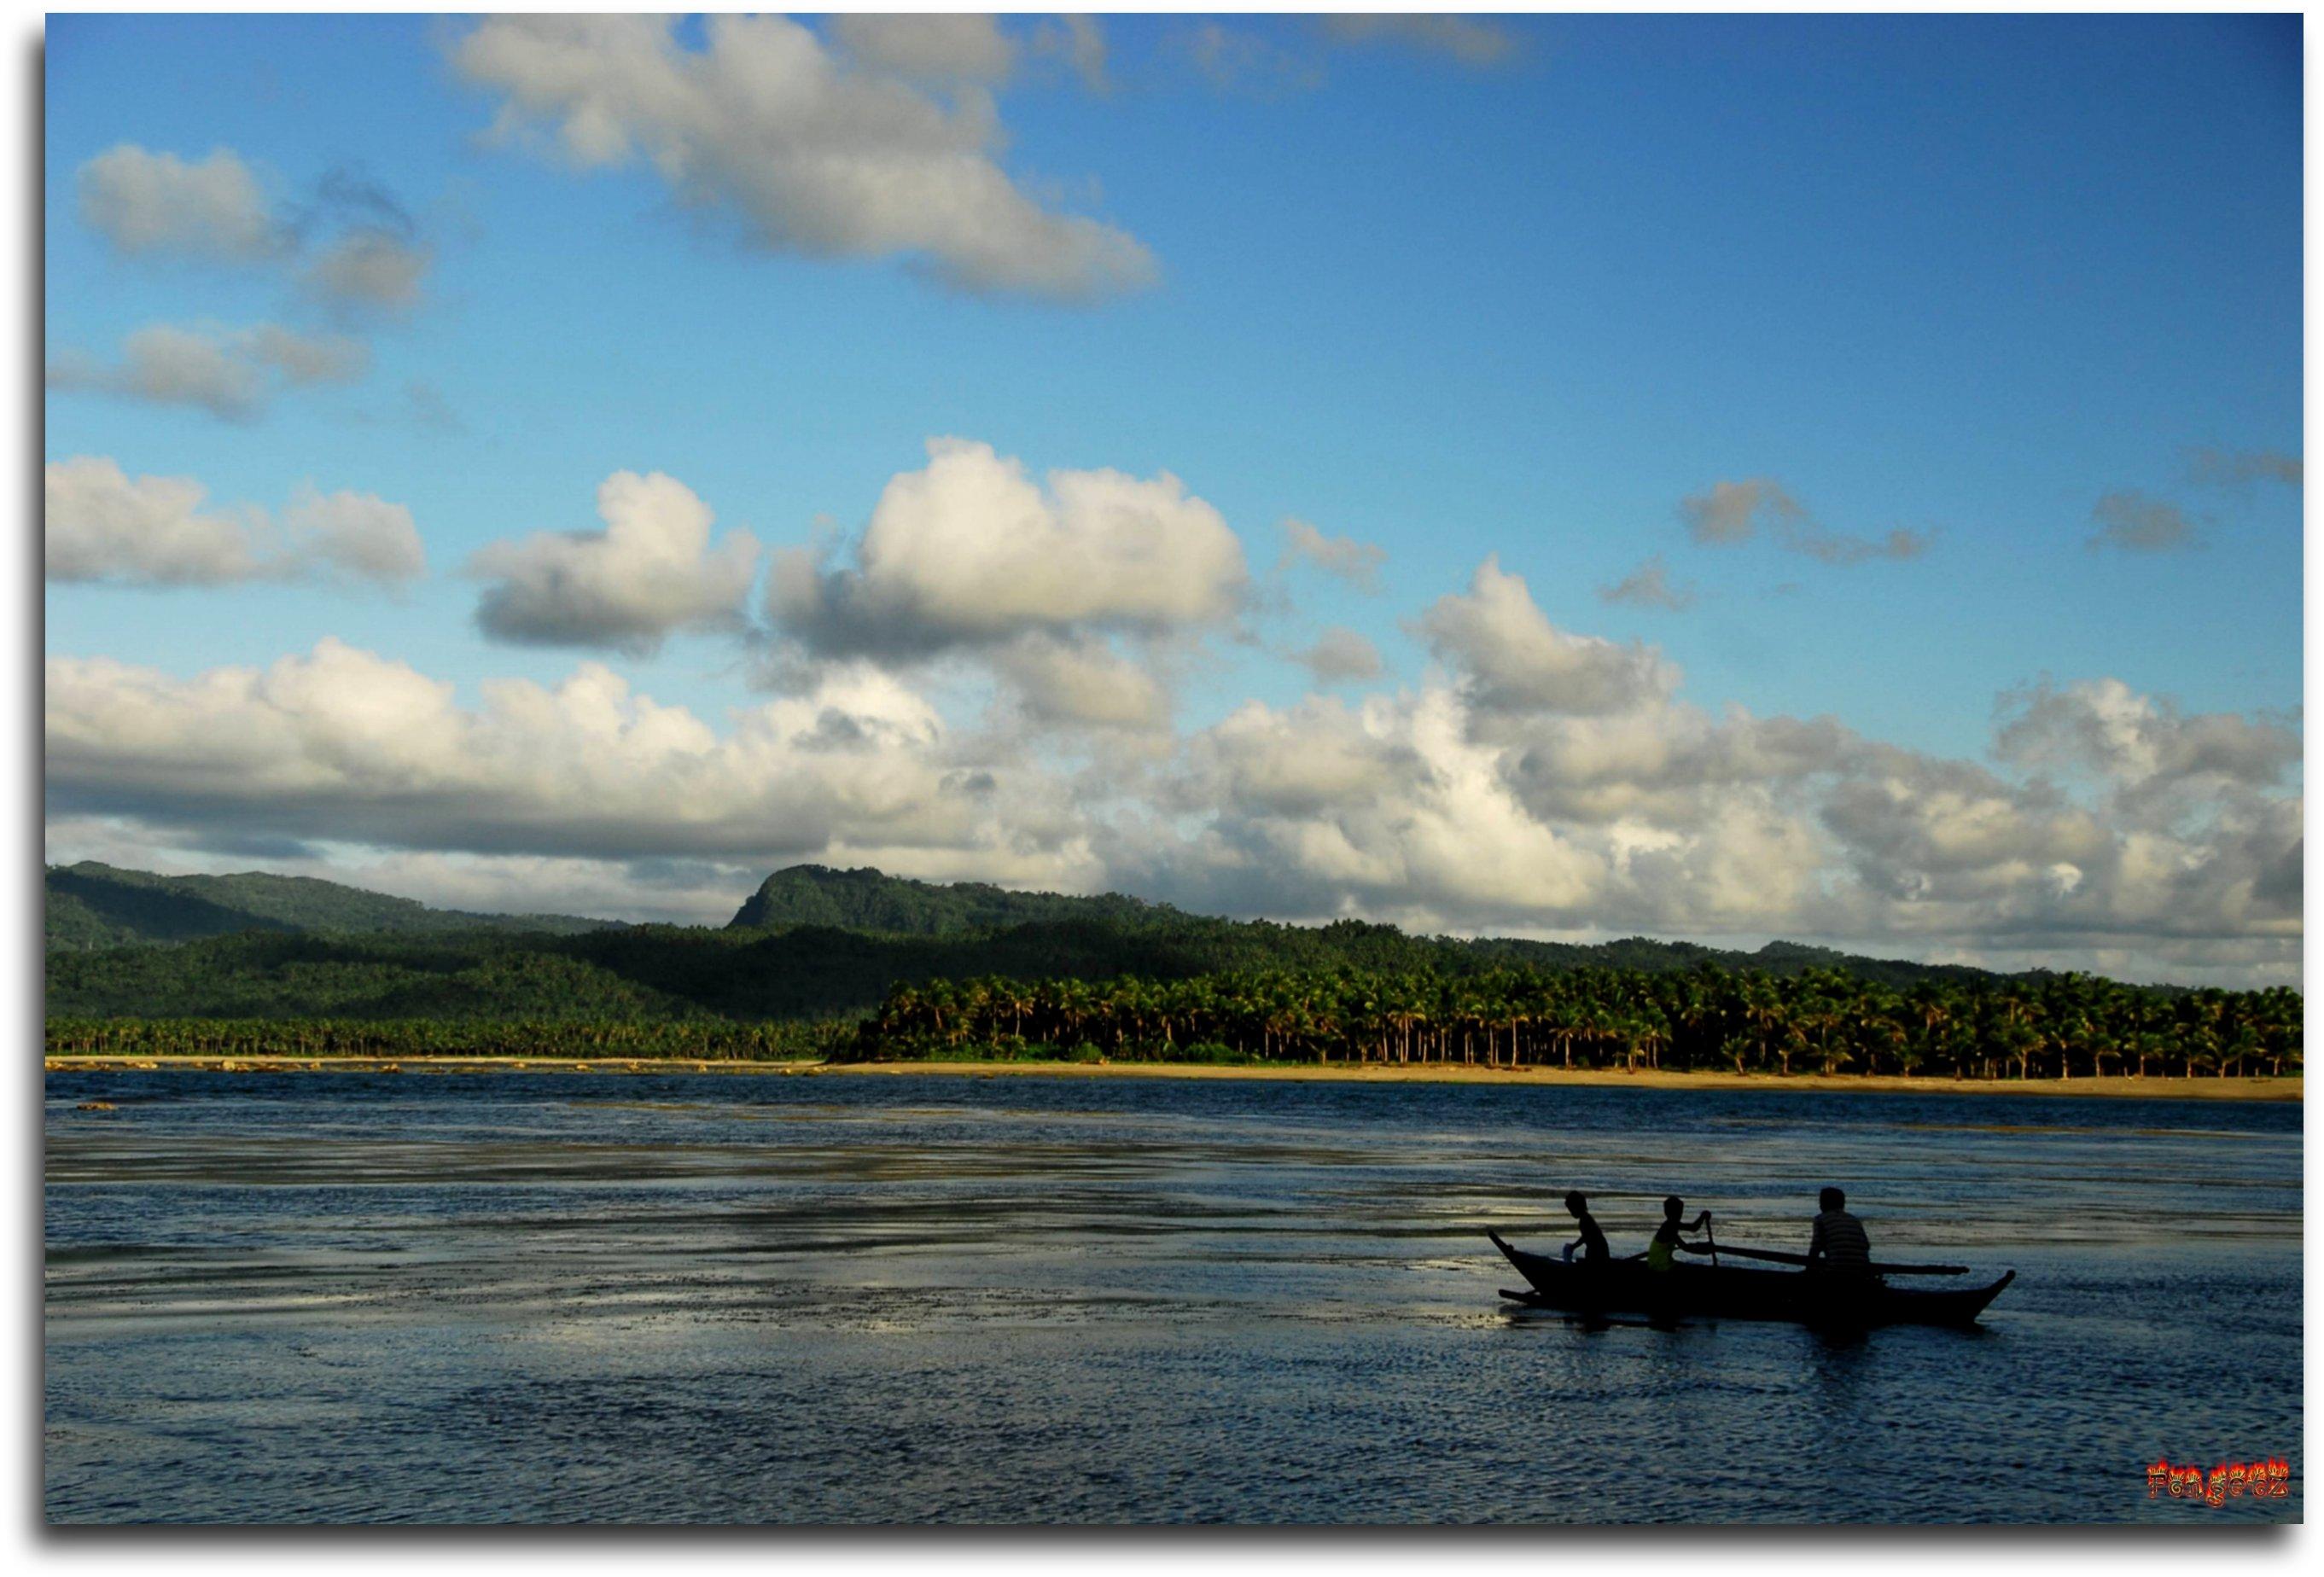 560+ Gambar Pemandangan Ikan Di Laut Gratis Terbaik